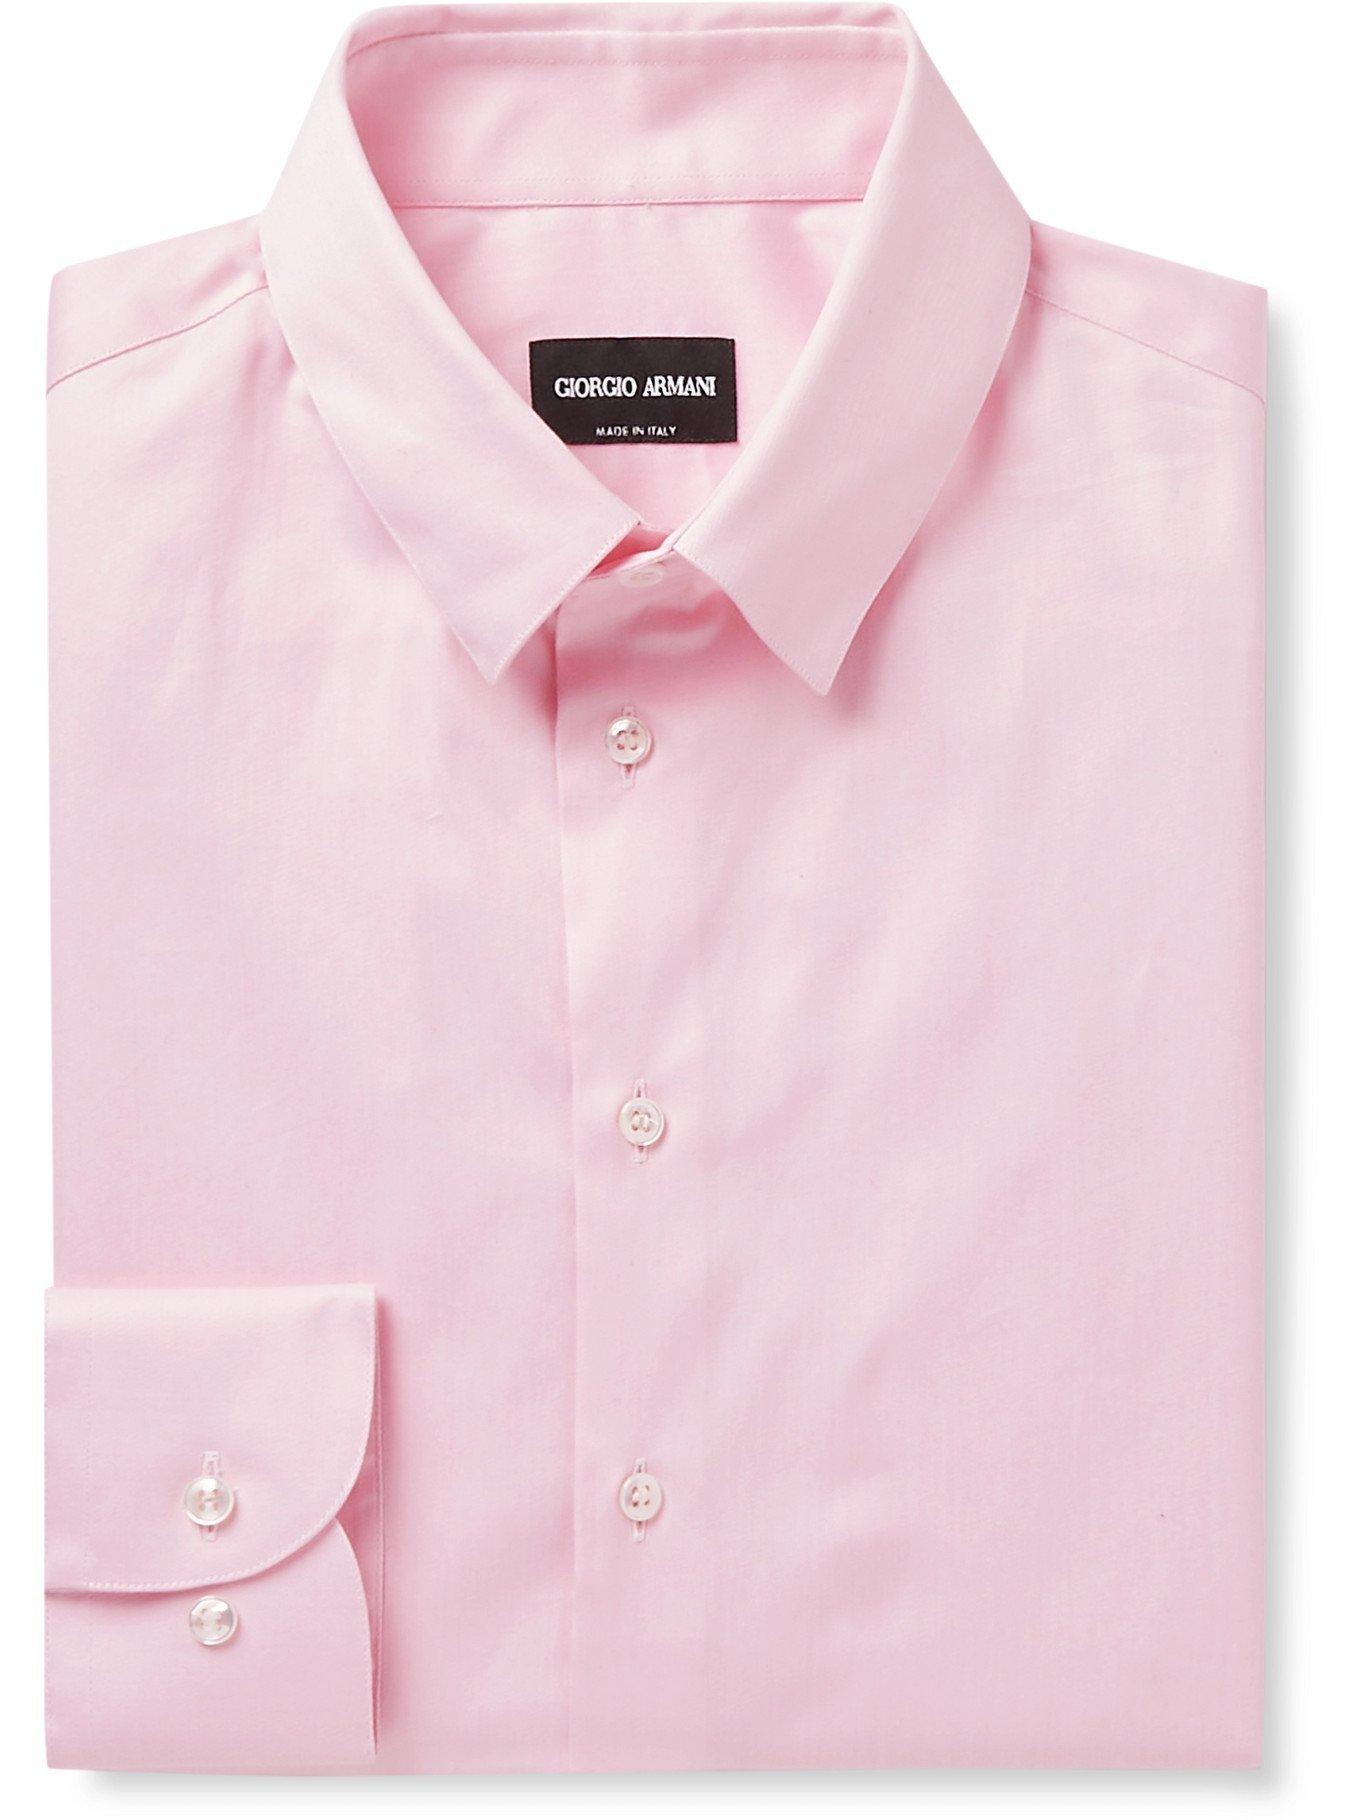 GIORGIO ARMANI - Cotton Shirt - Pink - EU 41